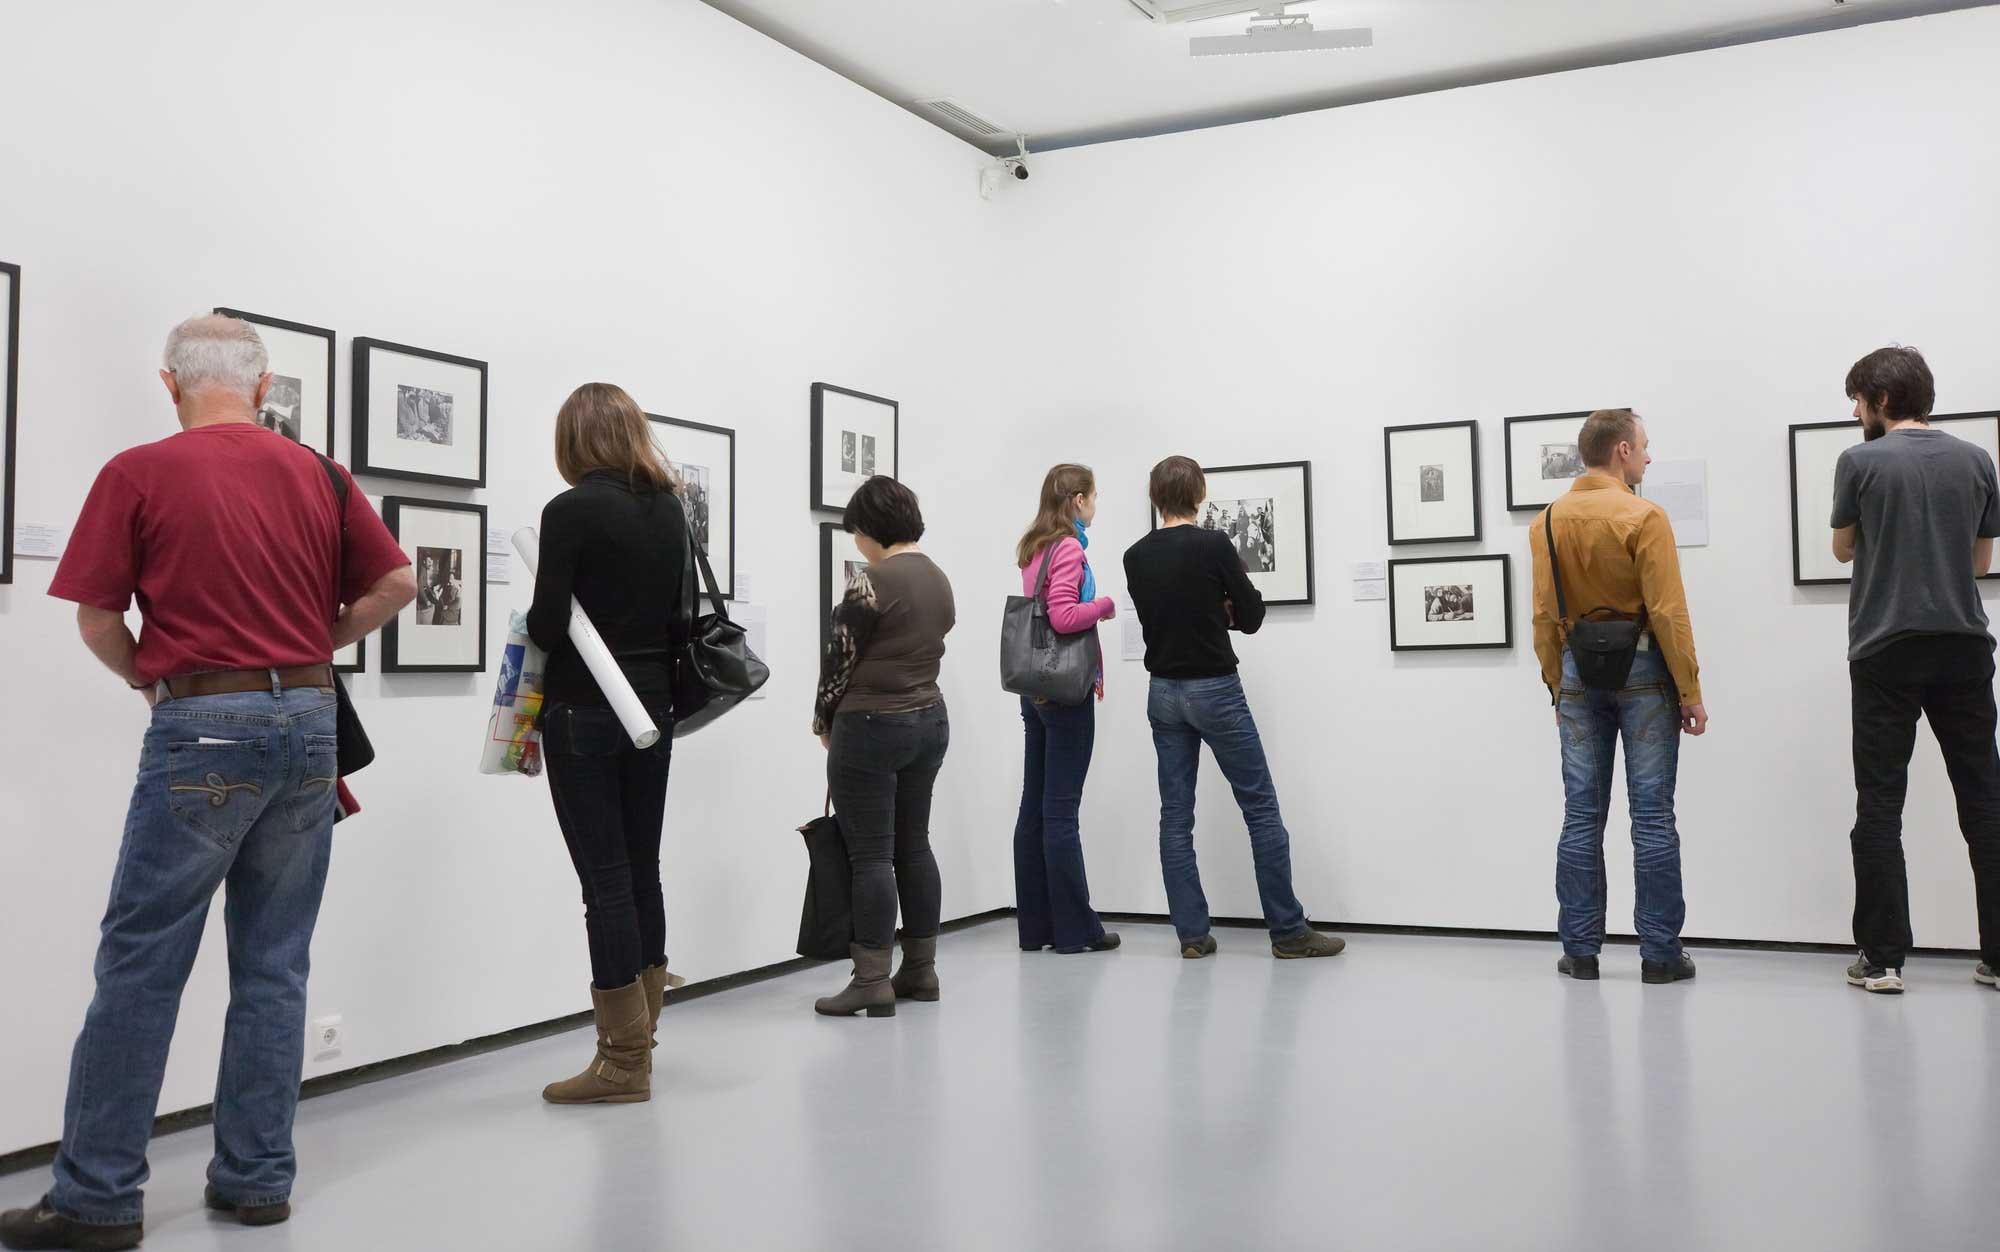 אנשים מסתכלים על תמונות במוזיאון